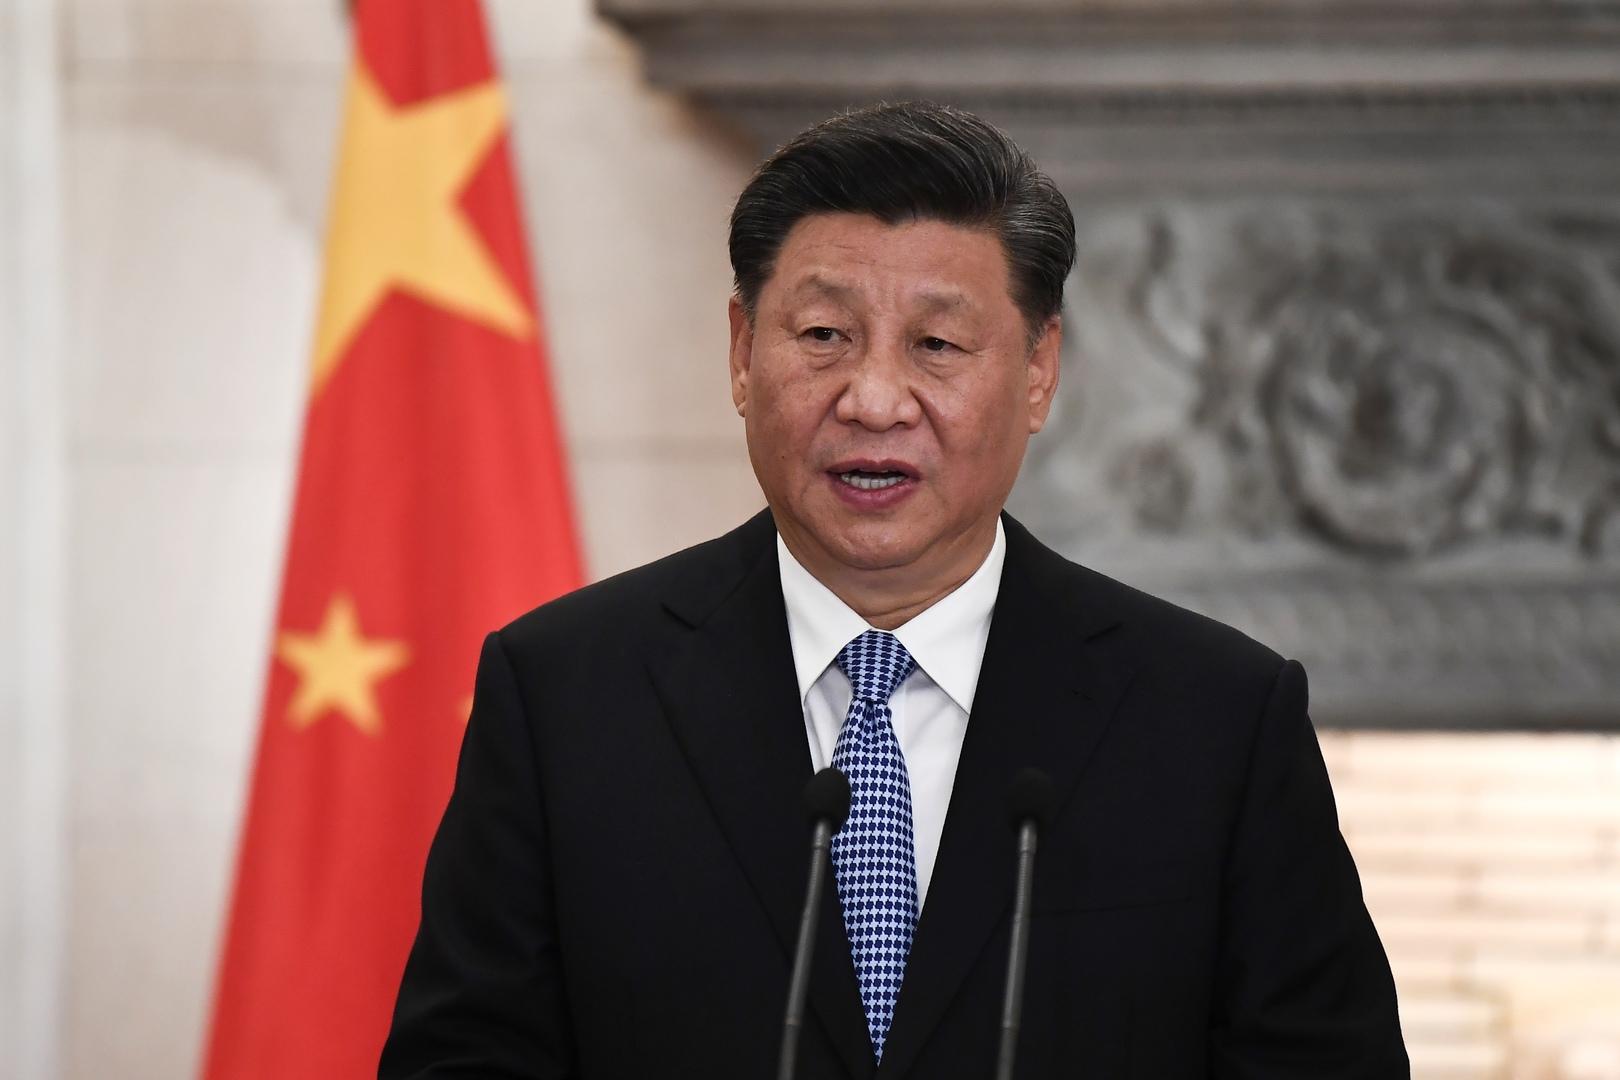 الرئيس الصيني يزور بؤرة الوباء في بلاده!